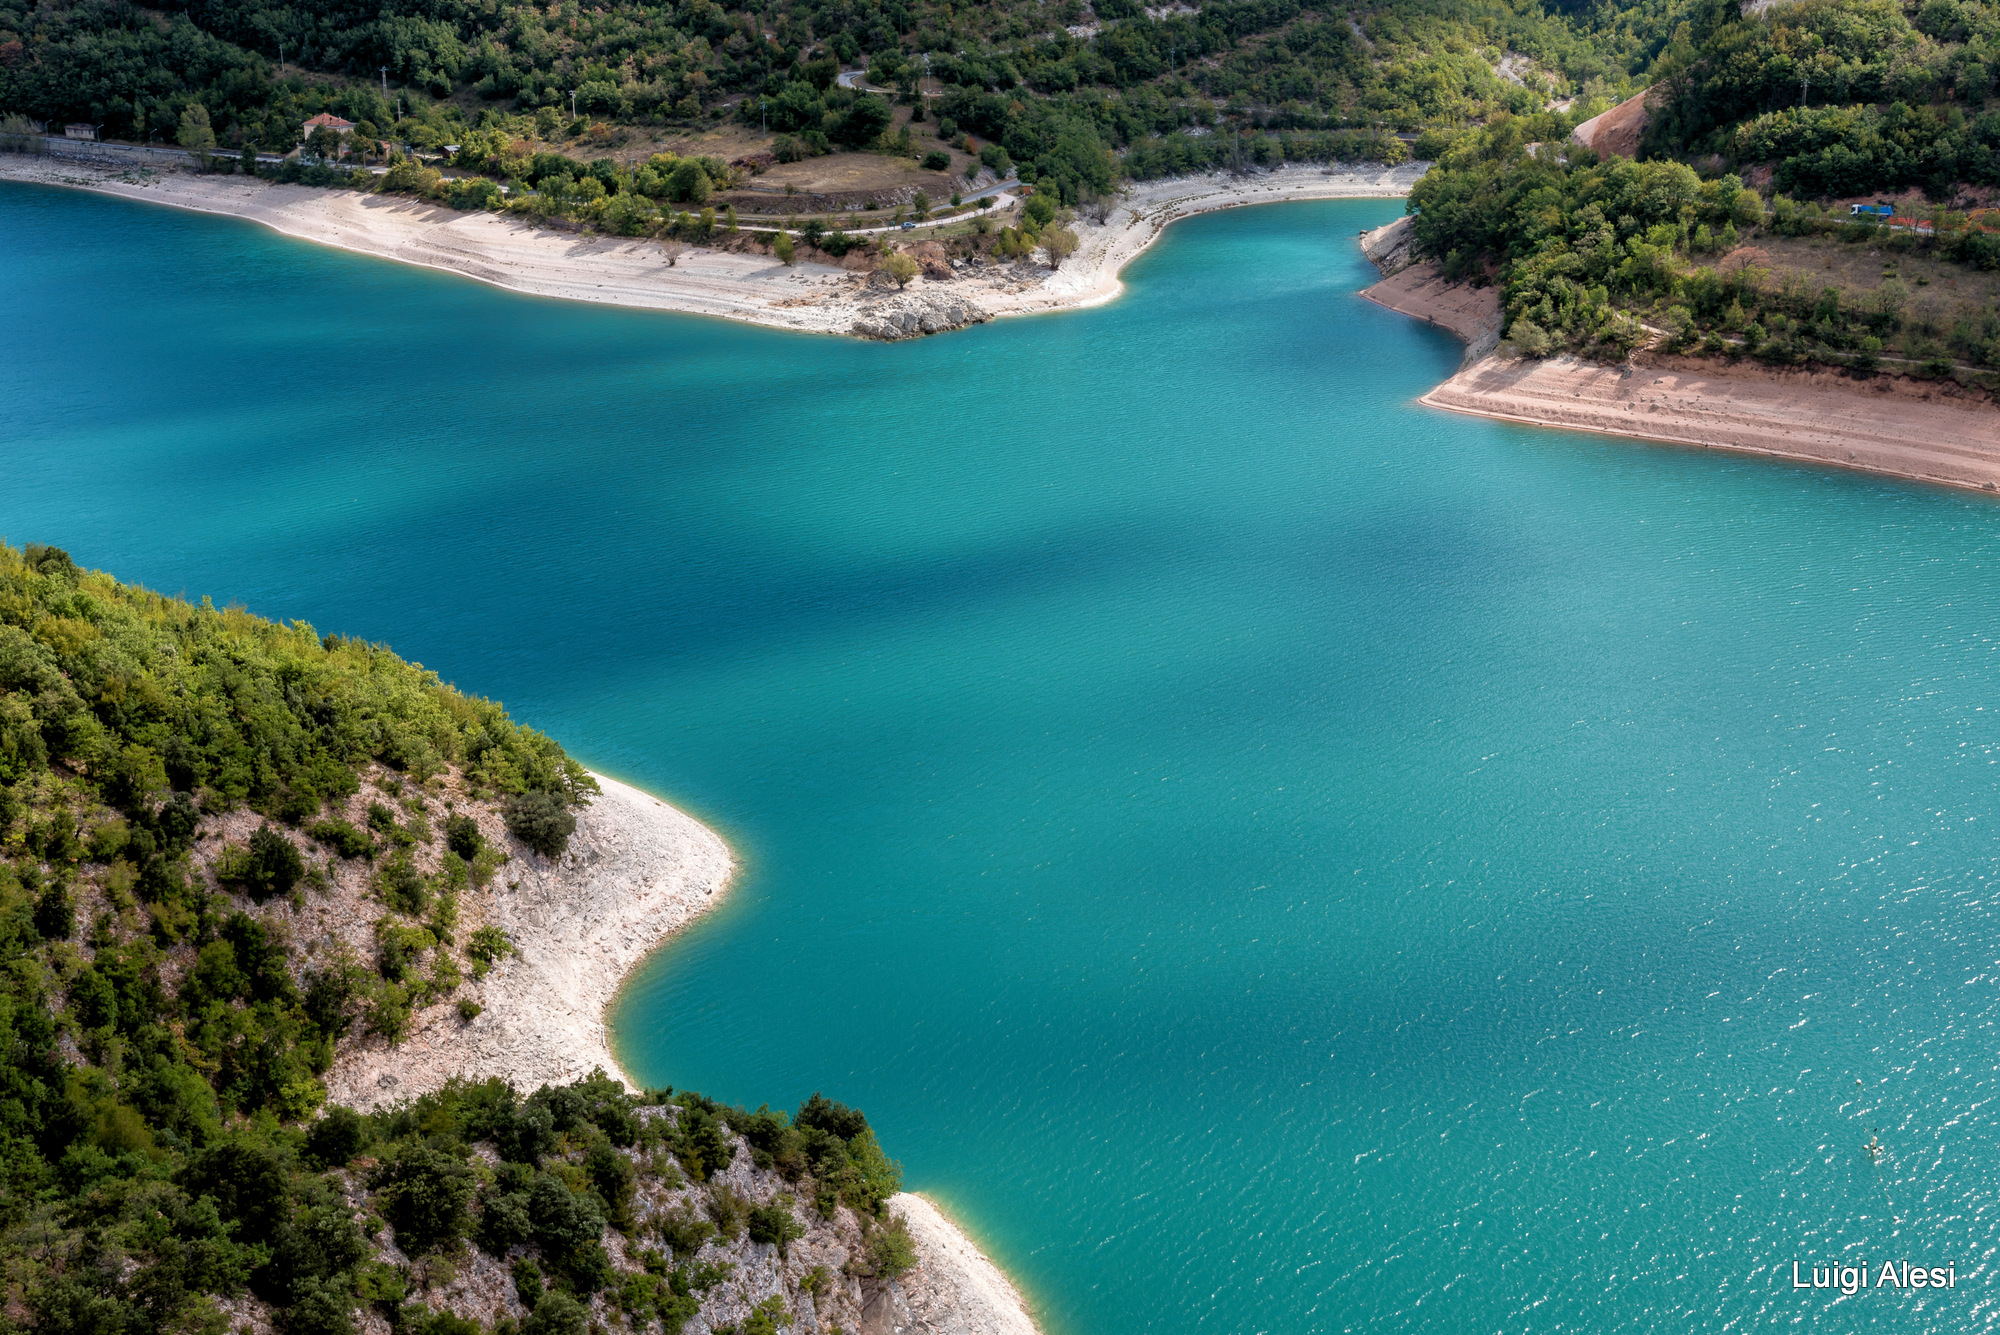 Fiastra lake, Italy